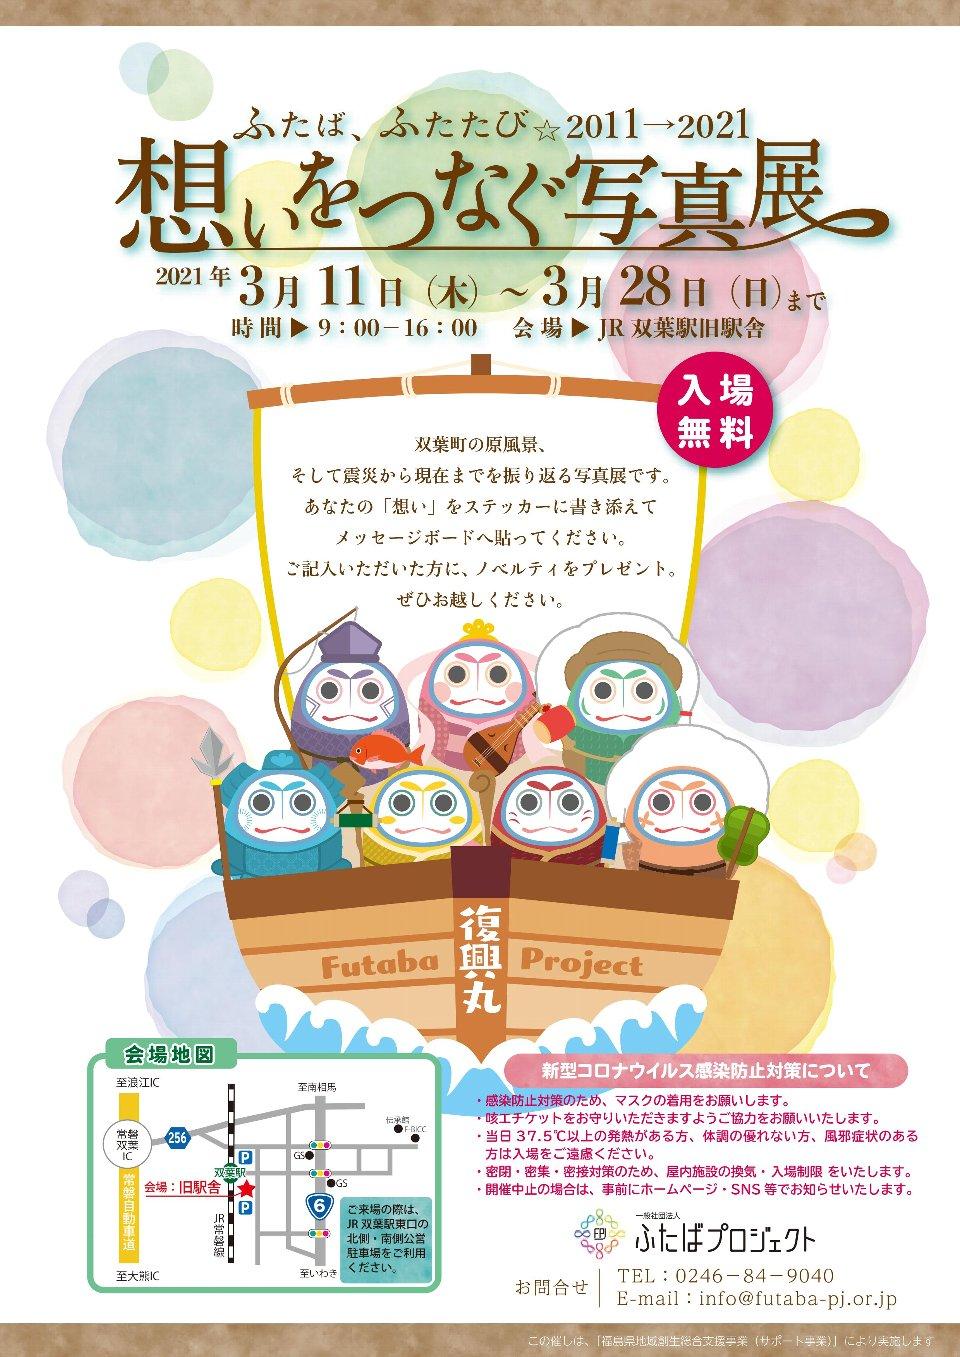 ふたば、ふたたび☆2011→2021想いをつなぐ写真展